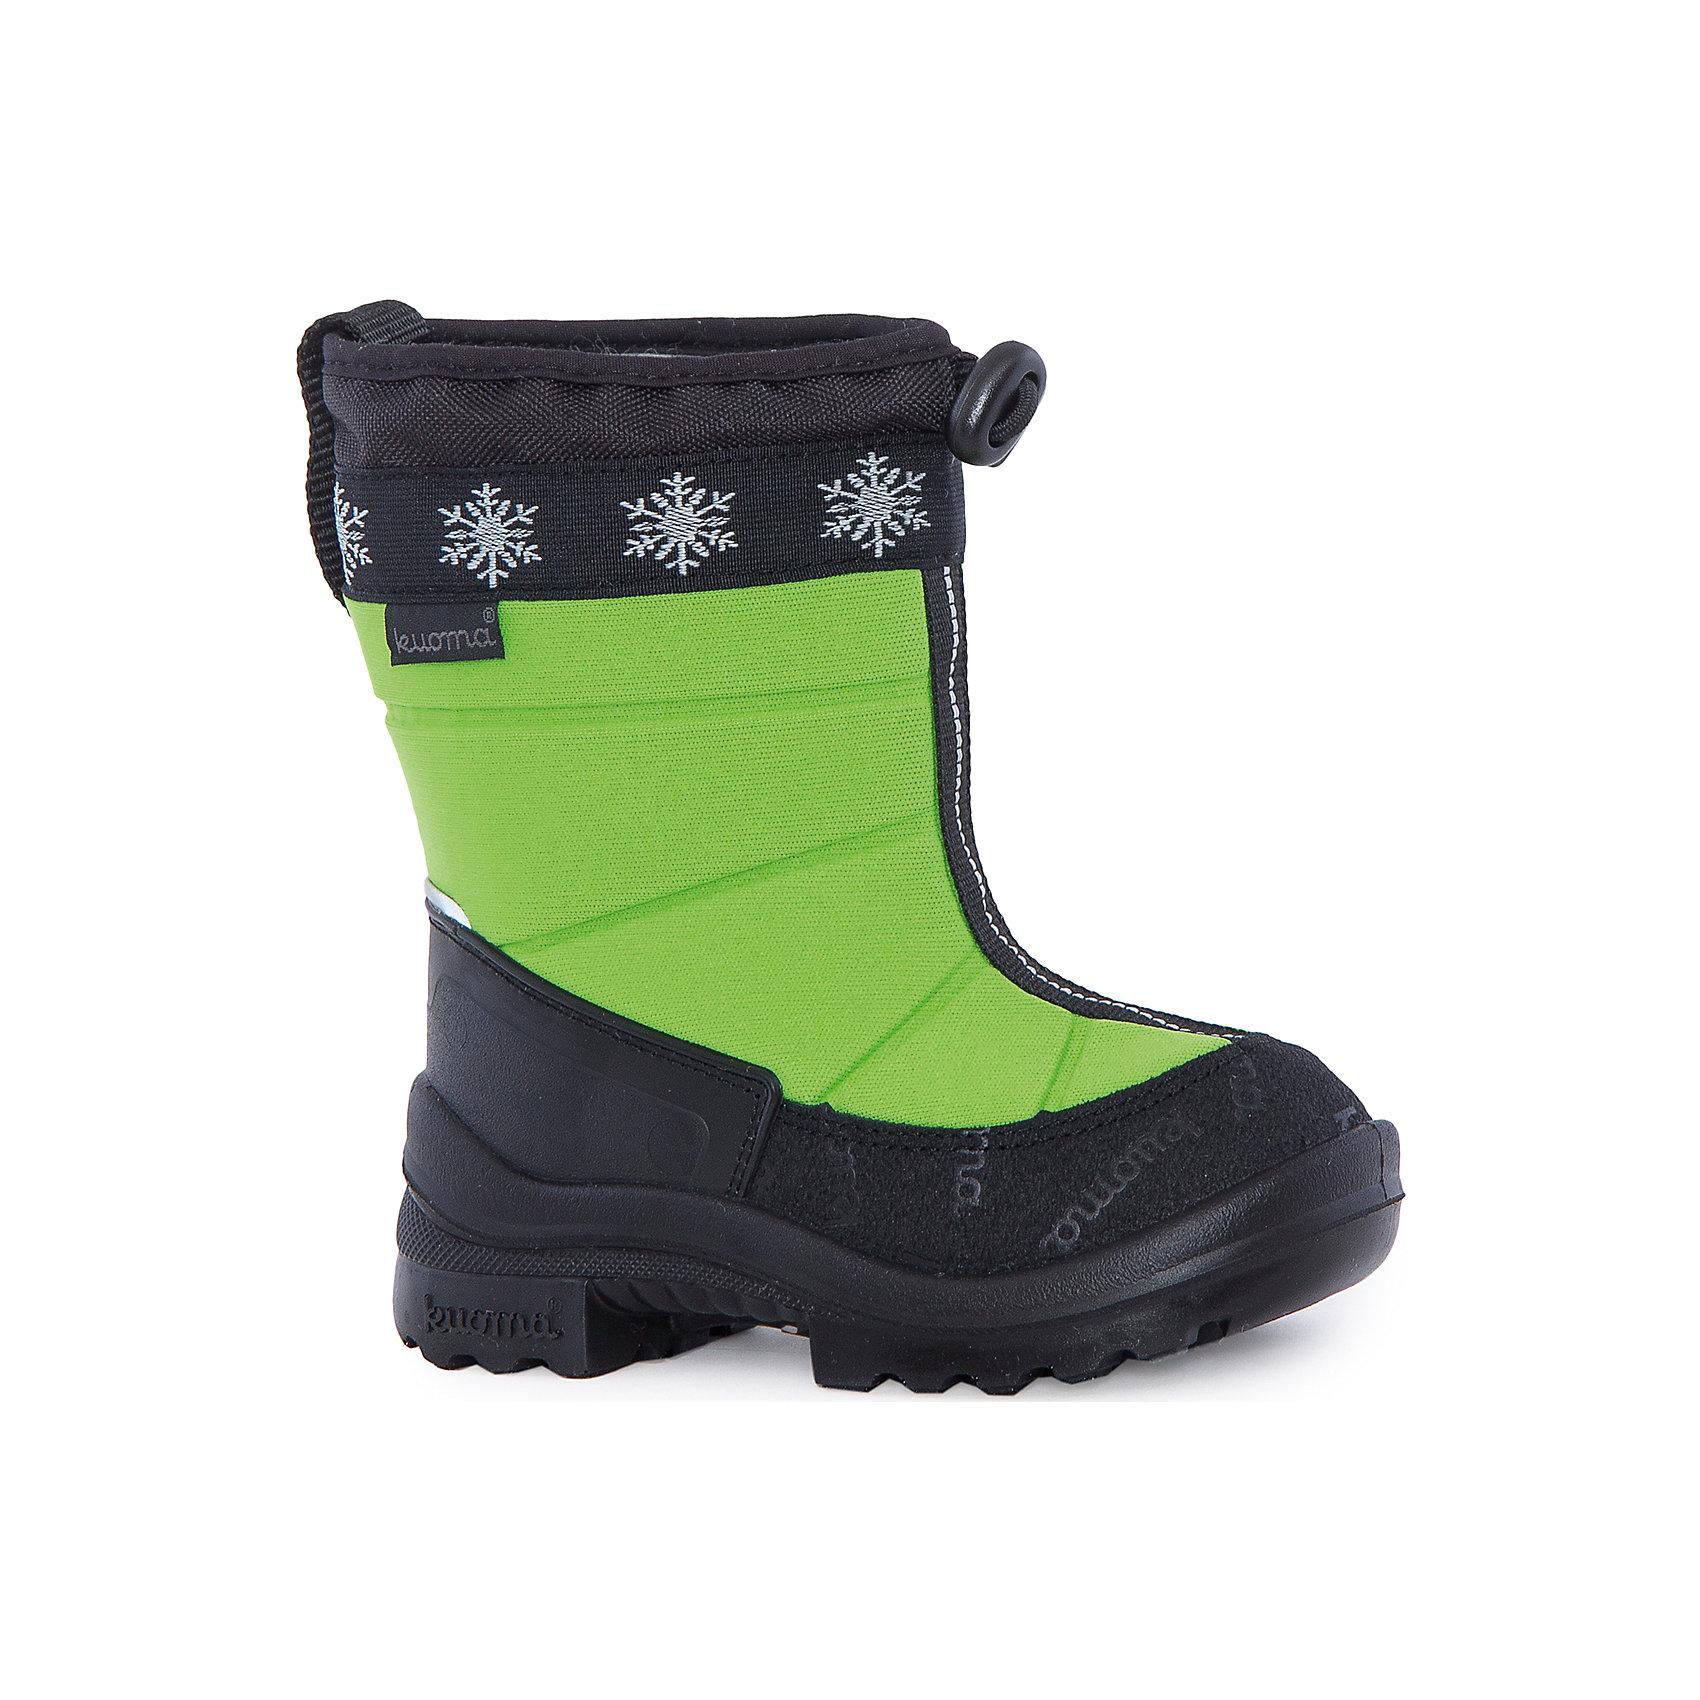 Сапоги Lumi Eskimo для мальчика KUOMAВаленки<br>Характеристики товара:<br><br>• цвет: зеленый<br>• температурный режим: от -5° С до -30° С<br>• внешний материал: полиамид <br>• стелька: натуральная шерсть<br>• подошва: полиуретан<br>• светоотражающие детали<br>• амортизирующая износостойкая подошва<br>• сменная стелька<br>• верх  - с влагоотталкивающей обработкой<br>• страна бренда: Финляндия<br>• страна изготовитель: Финляндия<br><br>Во всех валенках Kuoma до 26 размера включительно утеплитель – натуральная шерсть, начиная с 27 размера – искусственный мех.<br><br>Стильные сапожки для ребенка от известного бренда детской обуви KUOMA (Куома) созданы специально для холодной погоды. Качественные материалы с пропиткой против грязи и воды и модный дизайн понравятся и малышам и их родителям. Подошва и стелька обеспечат ребенку комфорт, сухость и тепло, позволяя в полной мере наслаждаться зимним отдыхом. Усиленная защита пятки и носка обеспечивает дополнительную безопасность детских ног в этих сапожках.<br>Эта красивая и удобная обувь прослужит долго благодаря известному качеству финских товаров. Производитель предусмотрел даже светоотражающие детали и амортизирующие свойства подошвы! Модель производится из качественных и проверенных материалов, которые безопасны для детей.<br><br>Зимние сапоги Lumi Eskimo для мальчика от бренда KUOMA (Куома) можно купить в нашем интернет-магазине.<br><br>Ширина мм: 257<br>Глубина мм: 180<br>Высота мм: 130<br>Вес г: 420<br>Цвет: зеленый<br>Возраст от месяцев: 60<br>Возраст до месяцев: 72<br>Пол: Мужской<br>Возраст: Детский<br>Размер: 29,27,28,26,30,31,23,24,25,22<br>SKU: 4915748